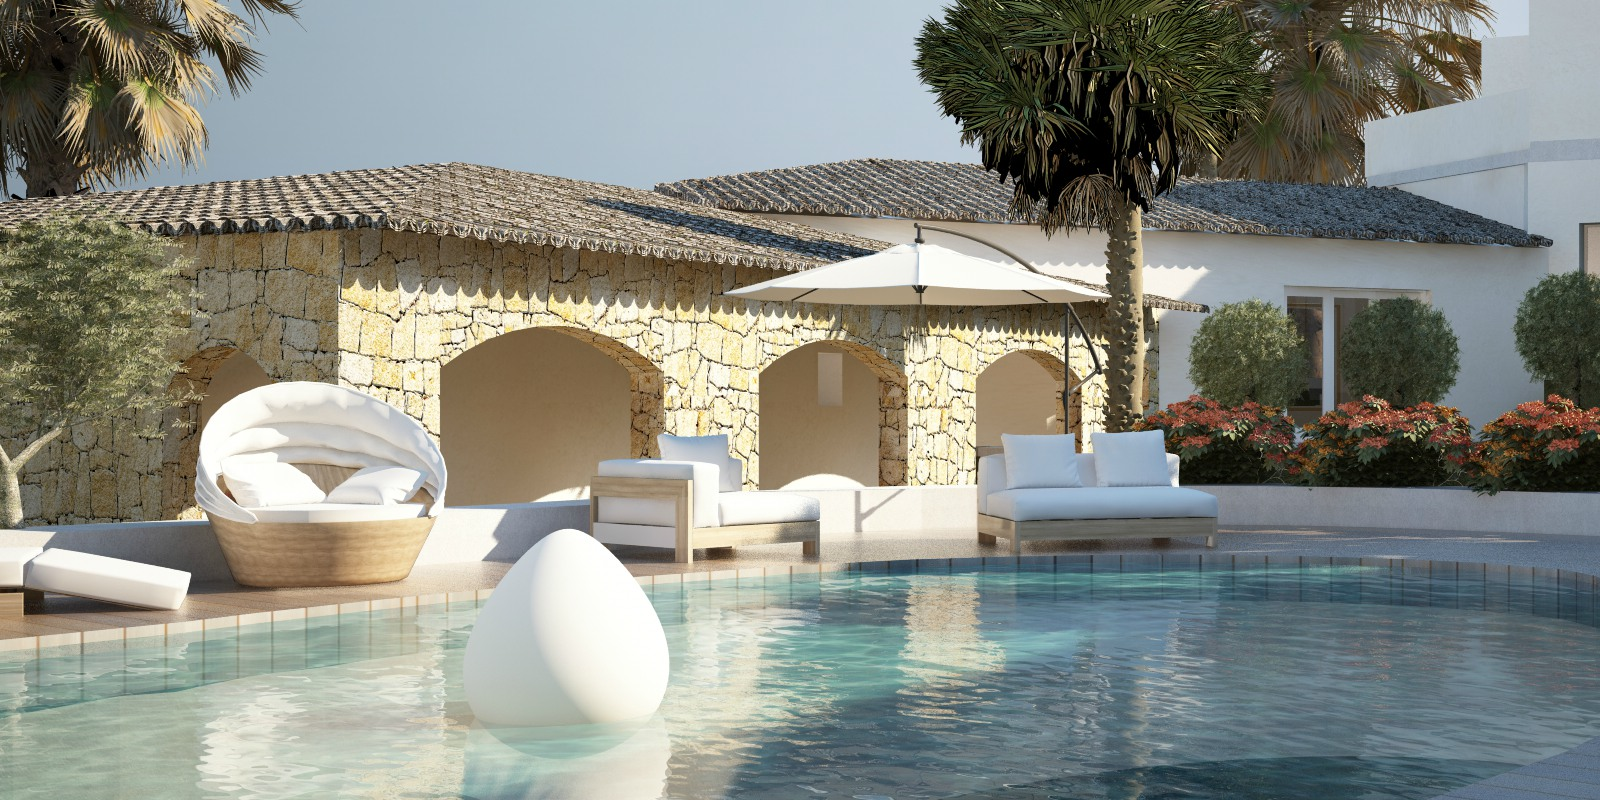 Foto Di Ville Lussuose ville in costa smeralda: borgo harenae - elite villas